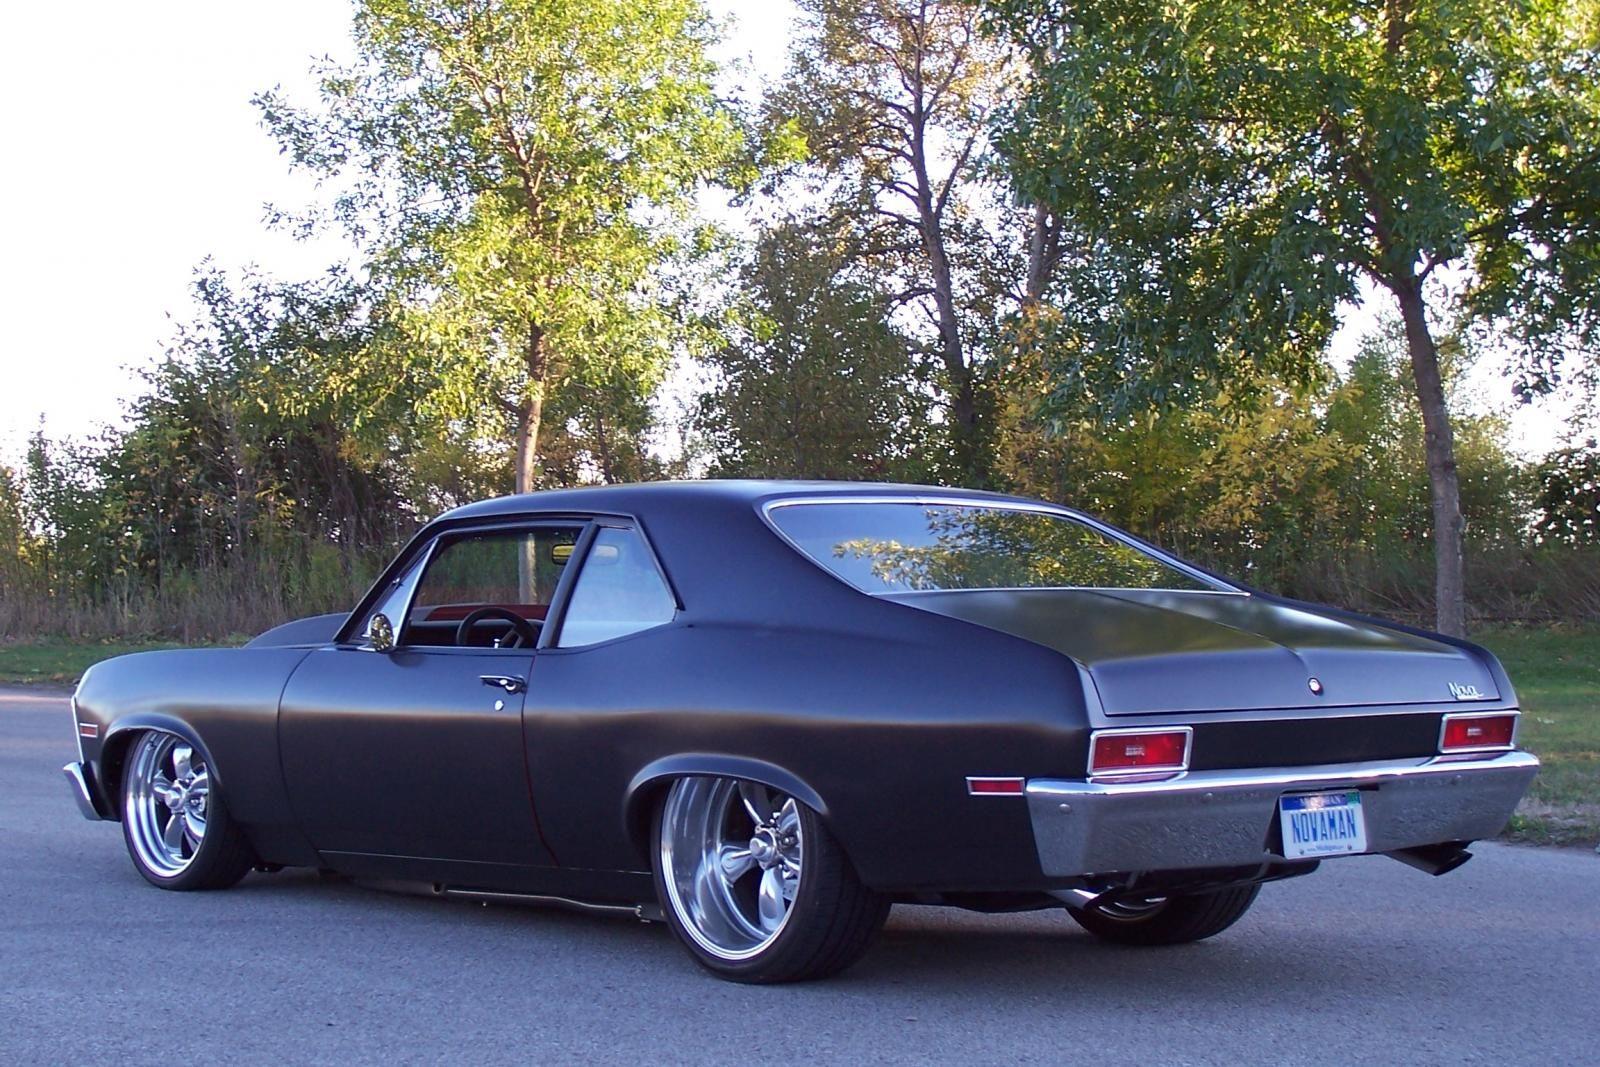 1970 Nova Chevy Nova Chevy Muscle Cars Chevrolet Nova